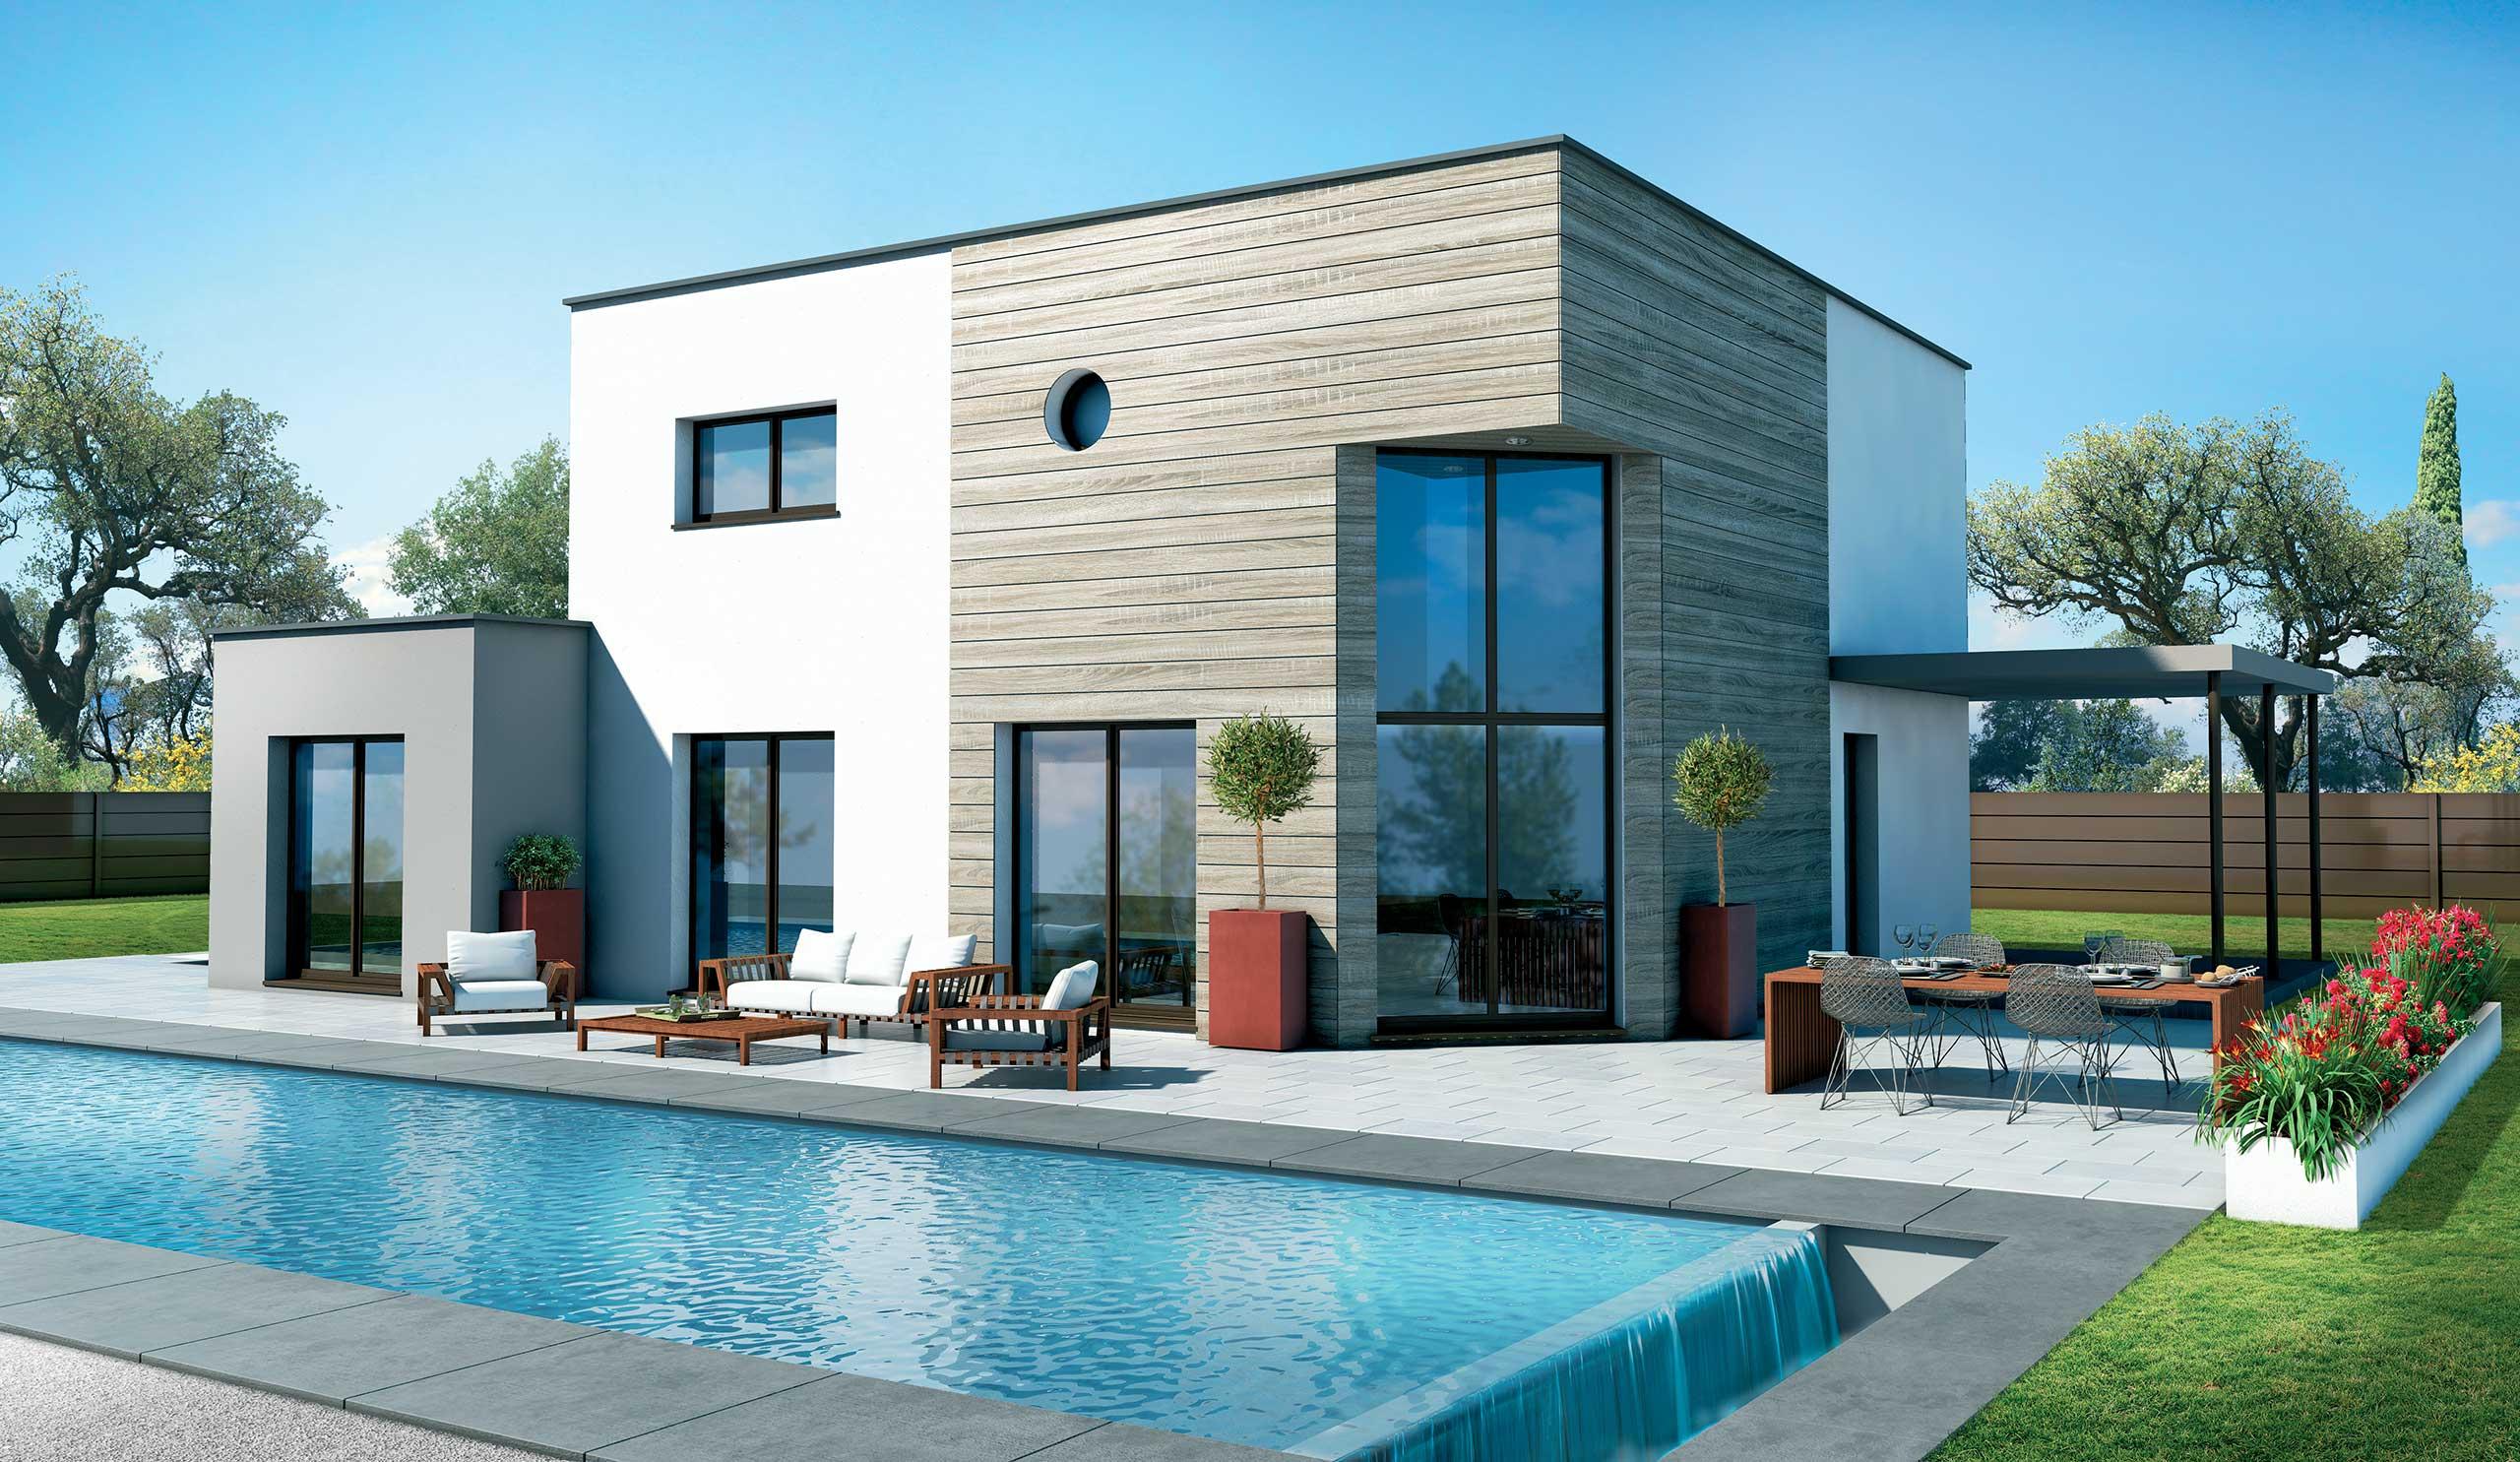 maison modèle de maison baobab : un design conceptuel cubique